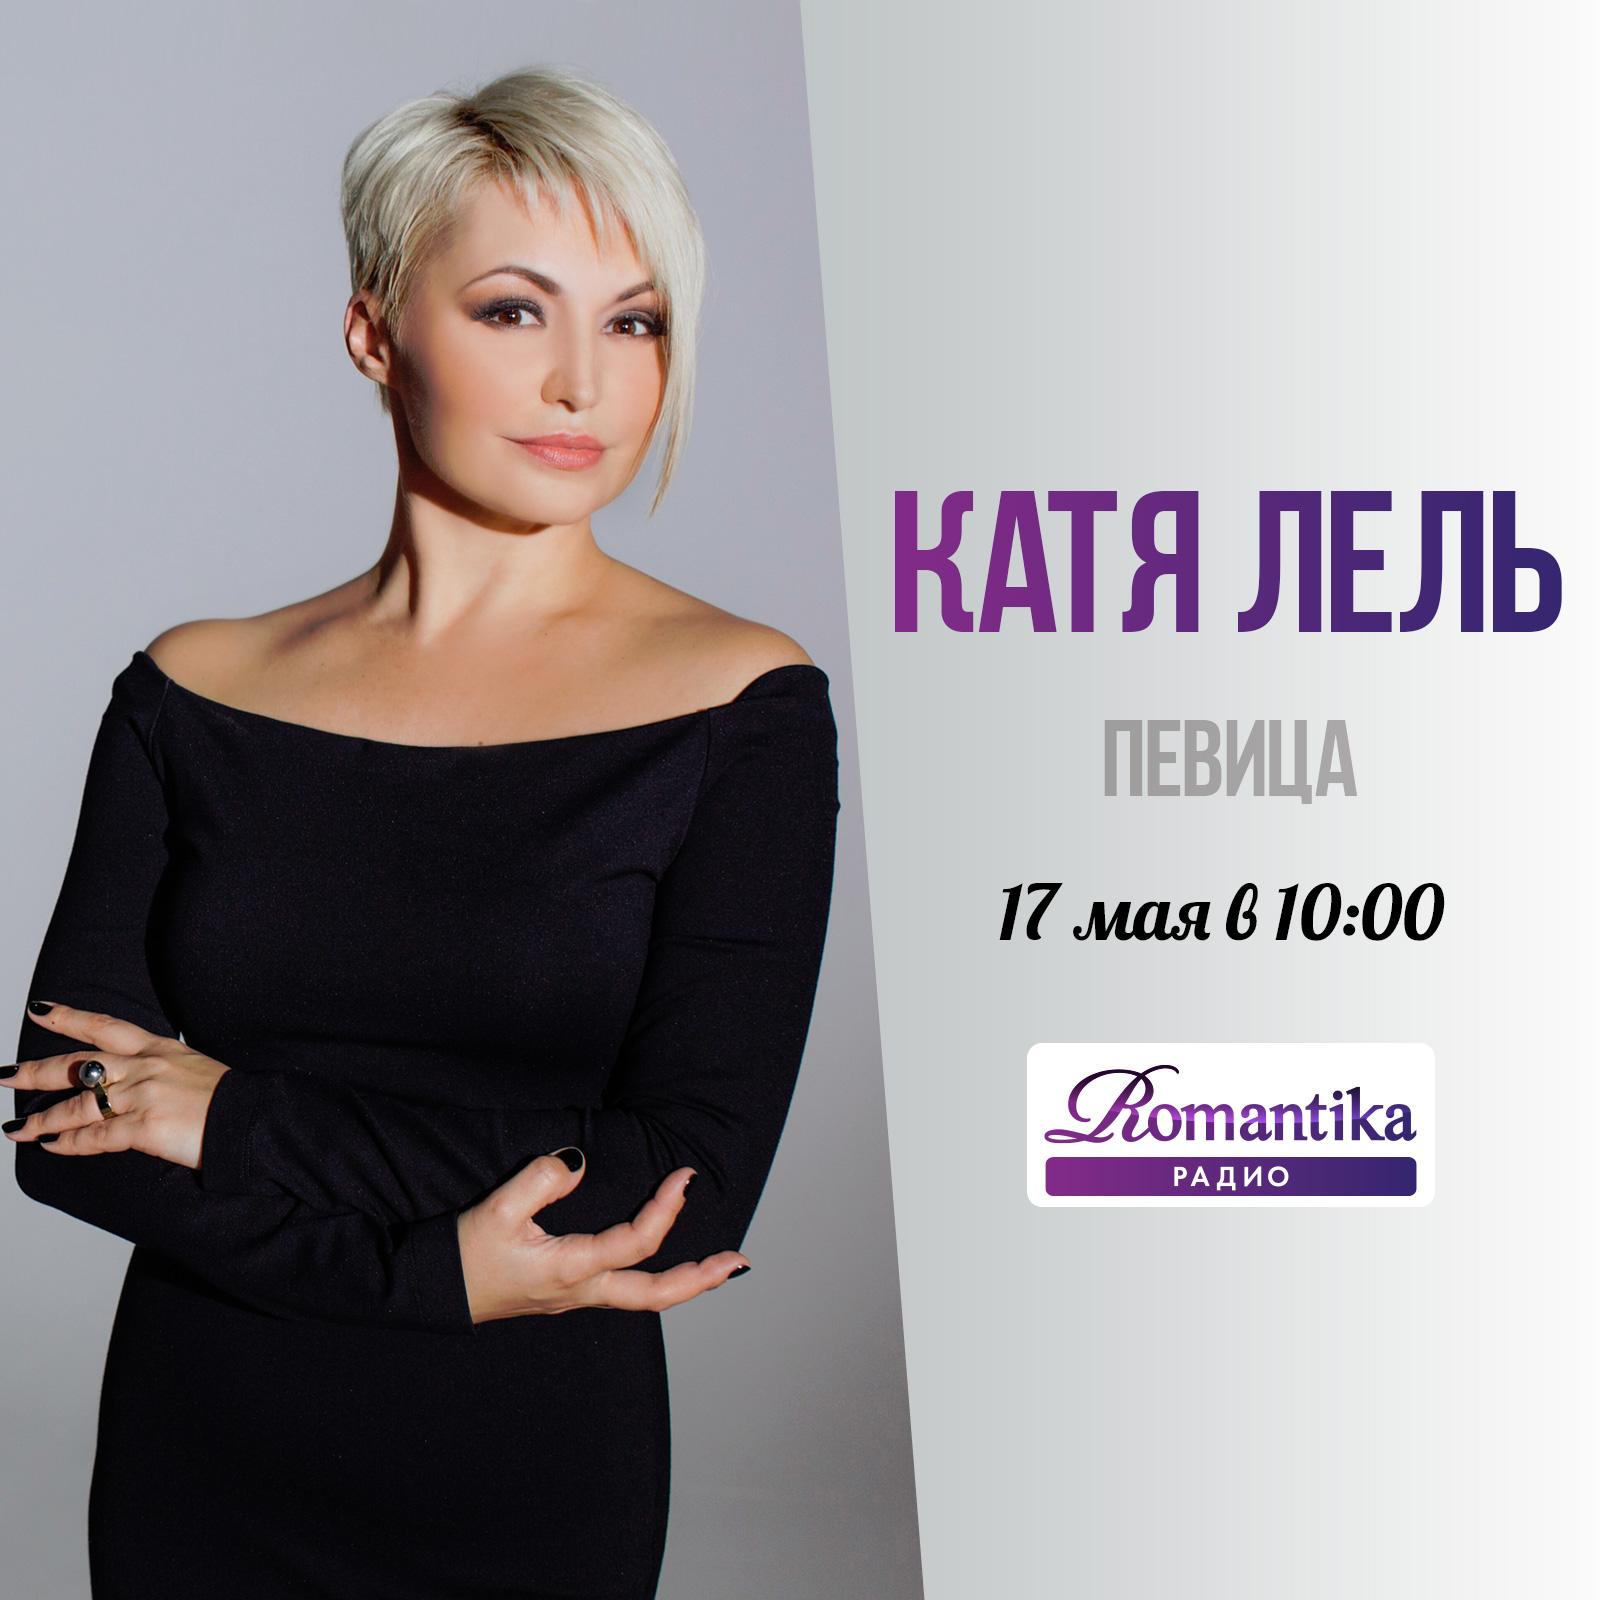 Утро на радио Romantika: 17 мая – в гостях певица Катя Лель - Радио Romantika